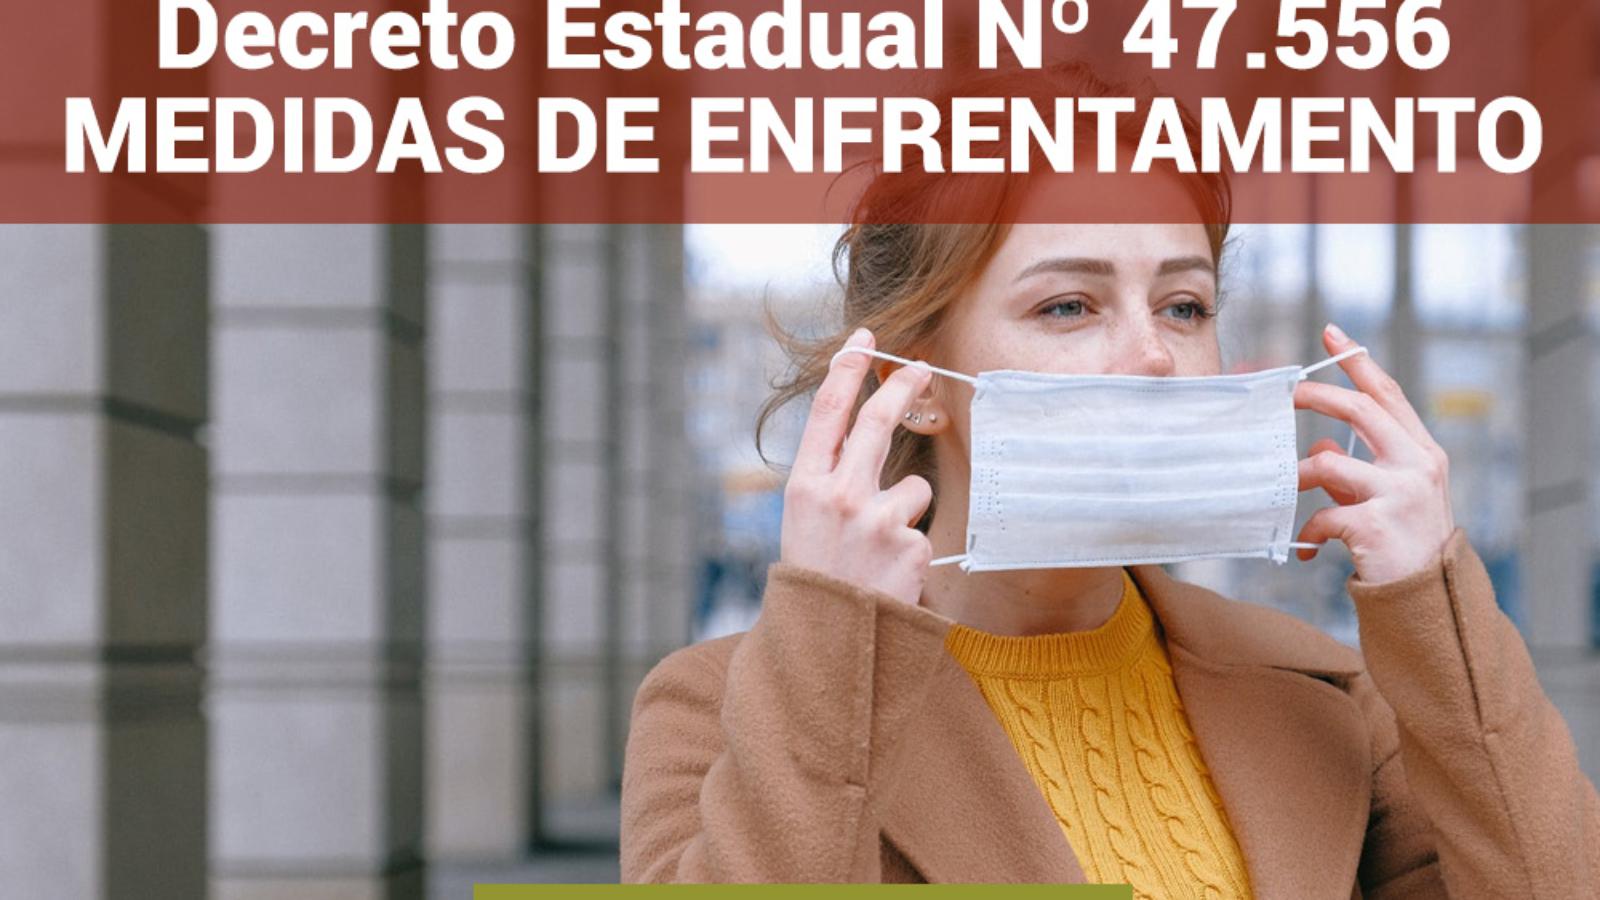 Decreto Estadual nº 47.556 de 03 de abril de 2021